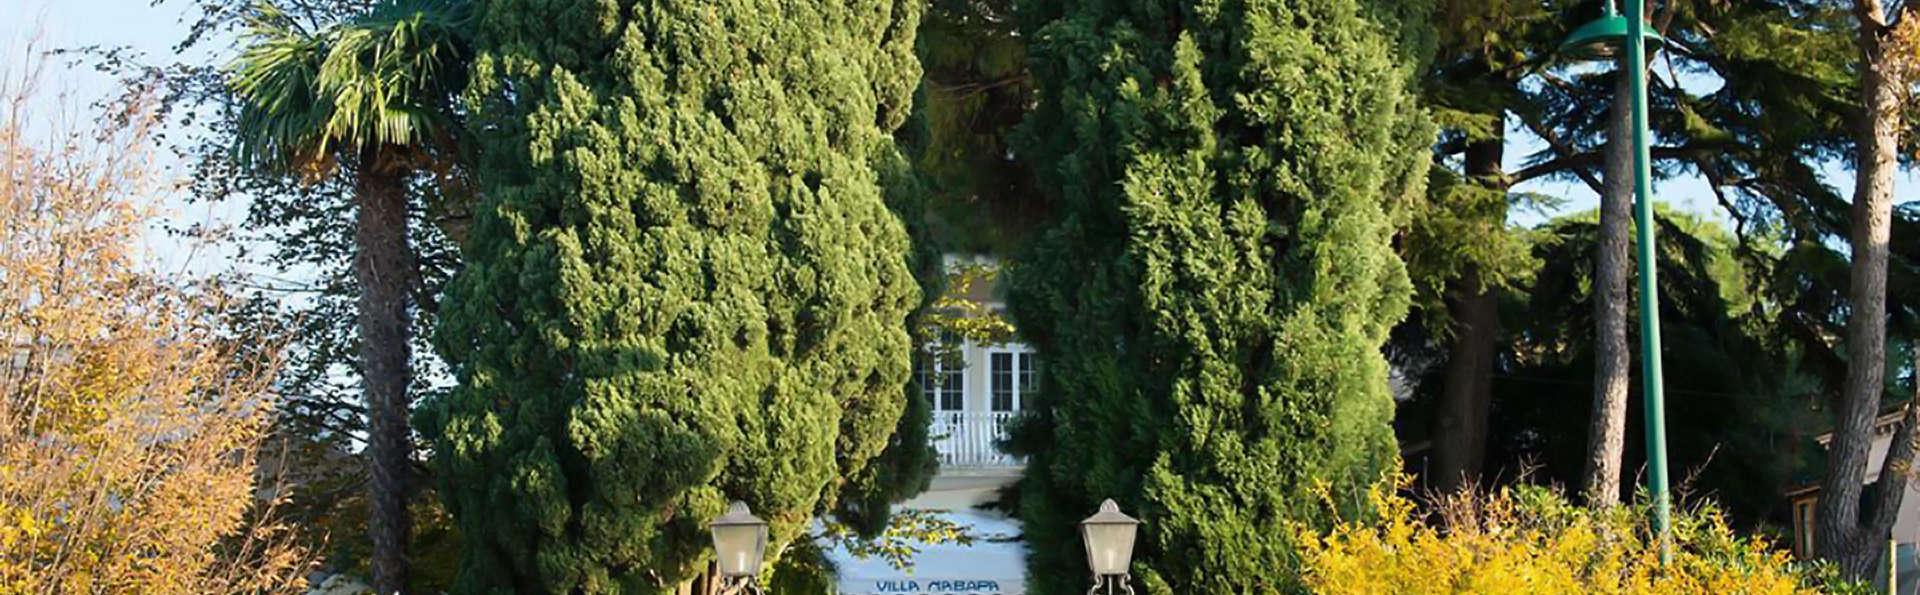 Hotel Villa Mabapa - Edit_front3__.jpg